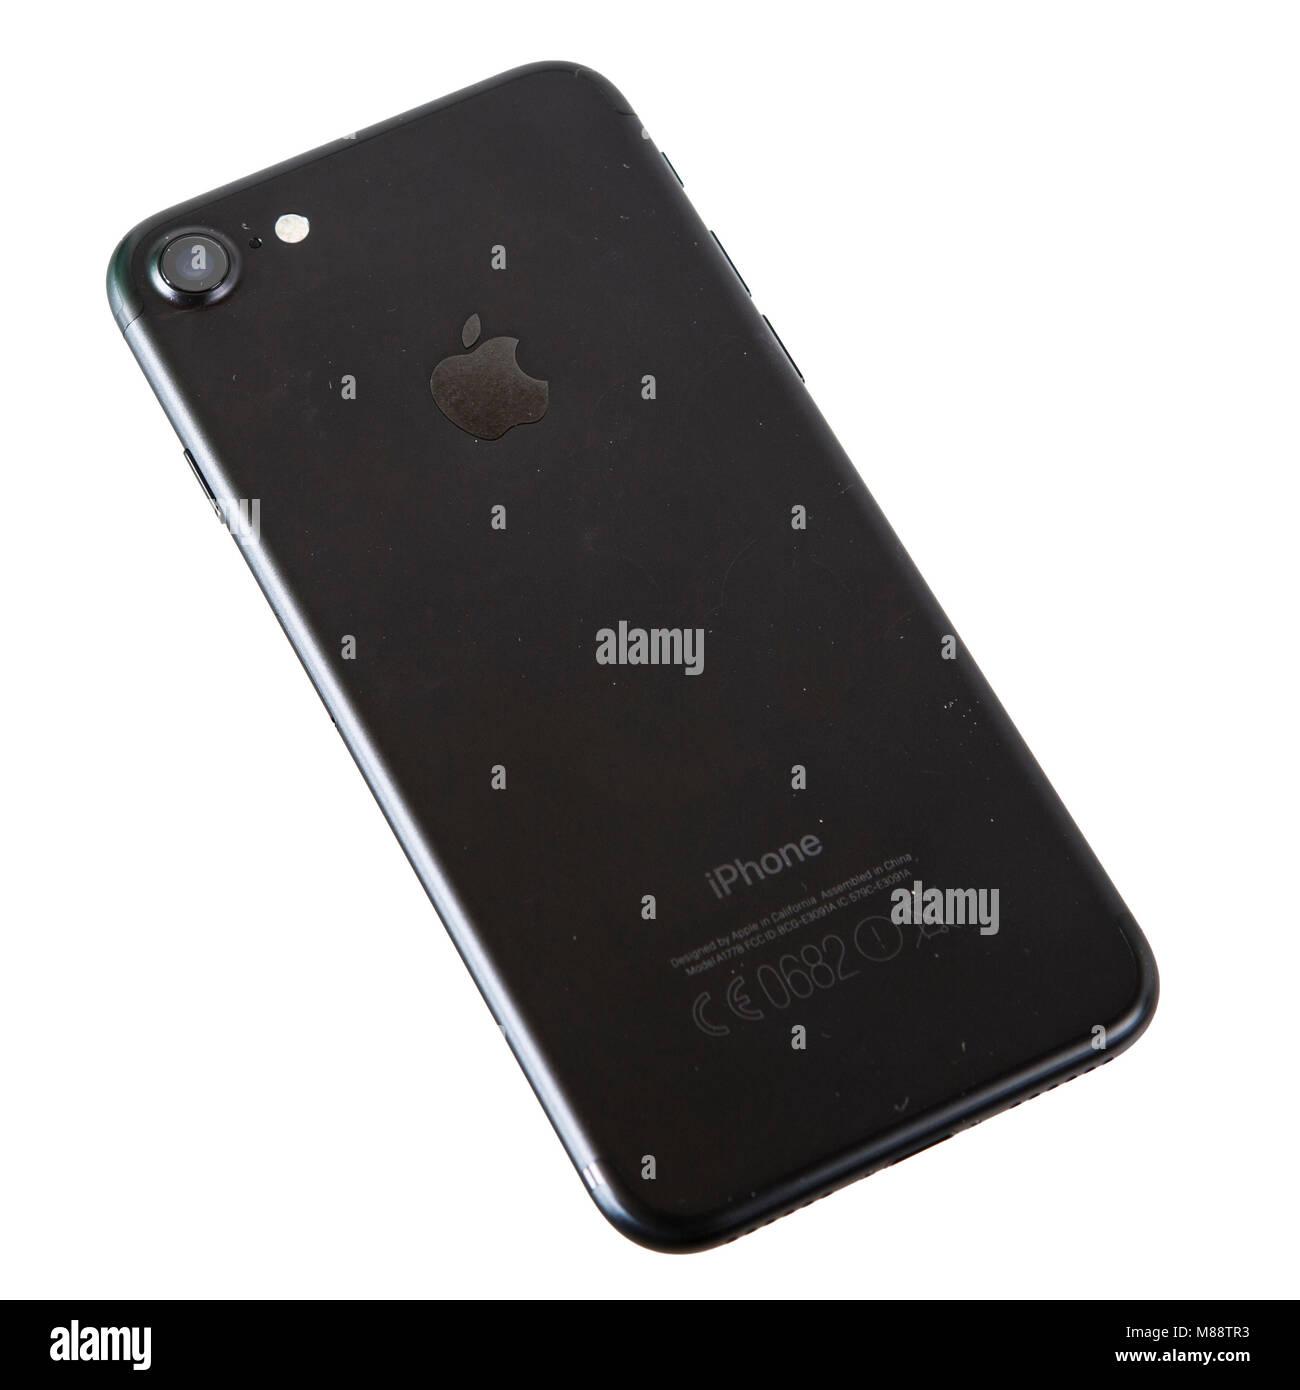 Freigestelltes Smartphone iPhone 7 in schwarz von der Rückseite gesehen. Das 7er iPhone ist das aktuelle Model - Stock Image